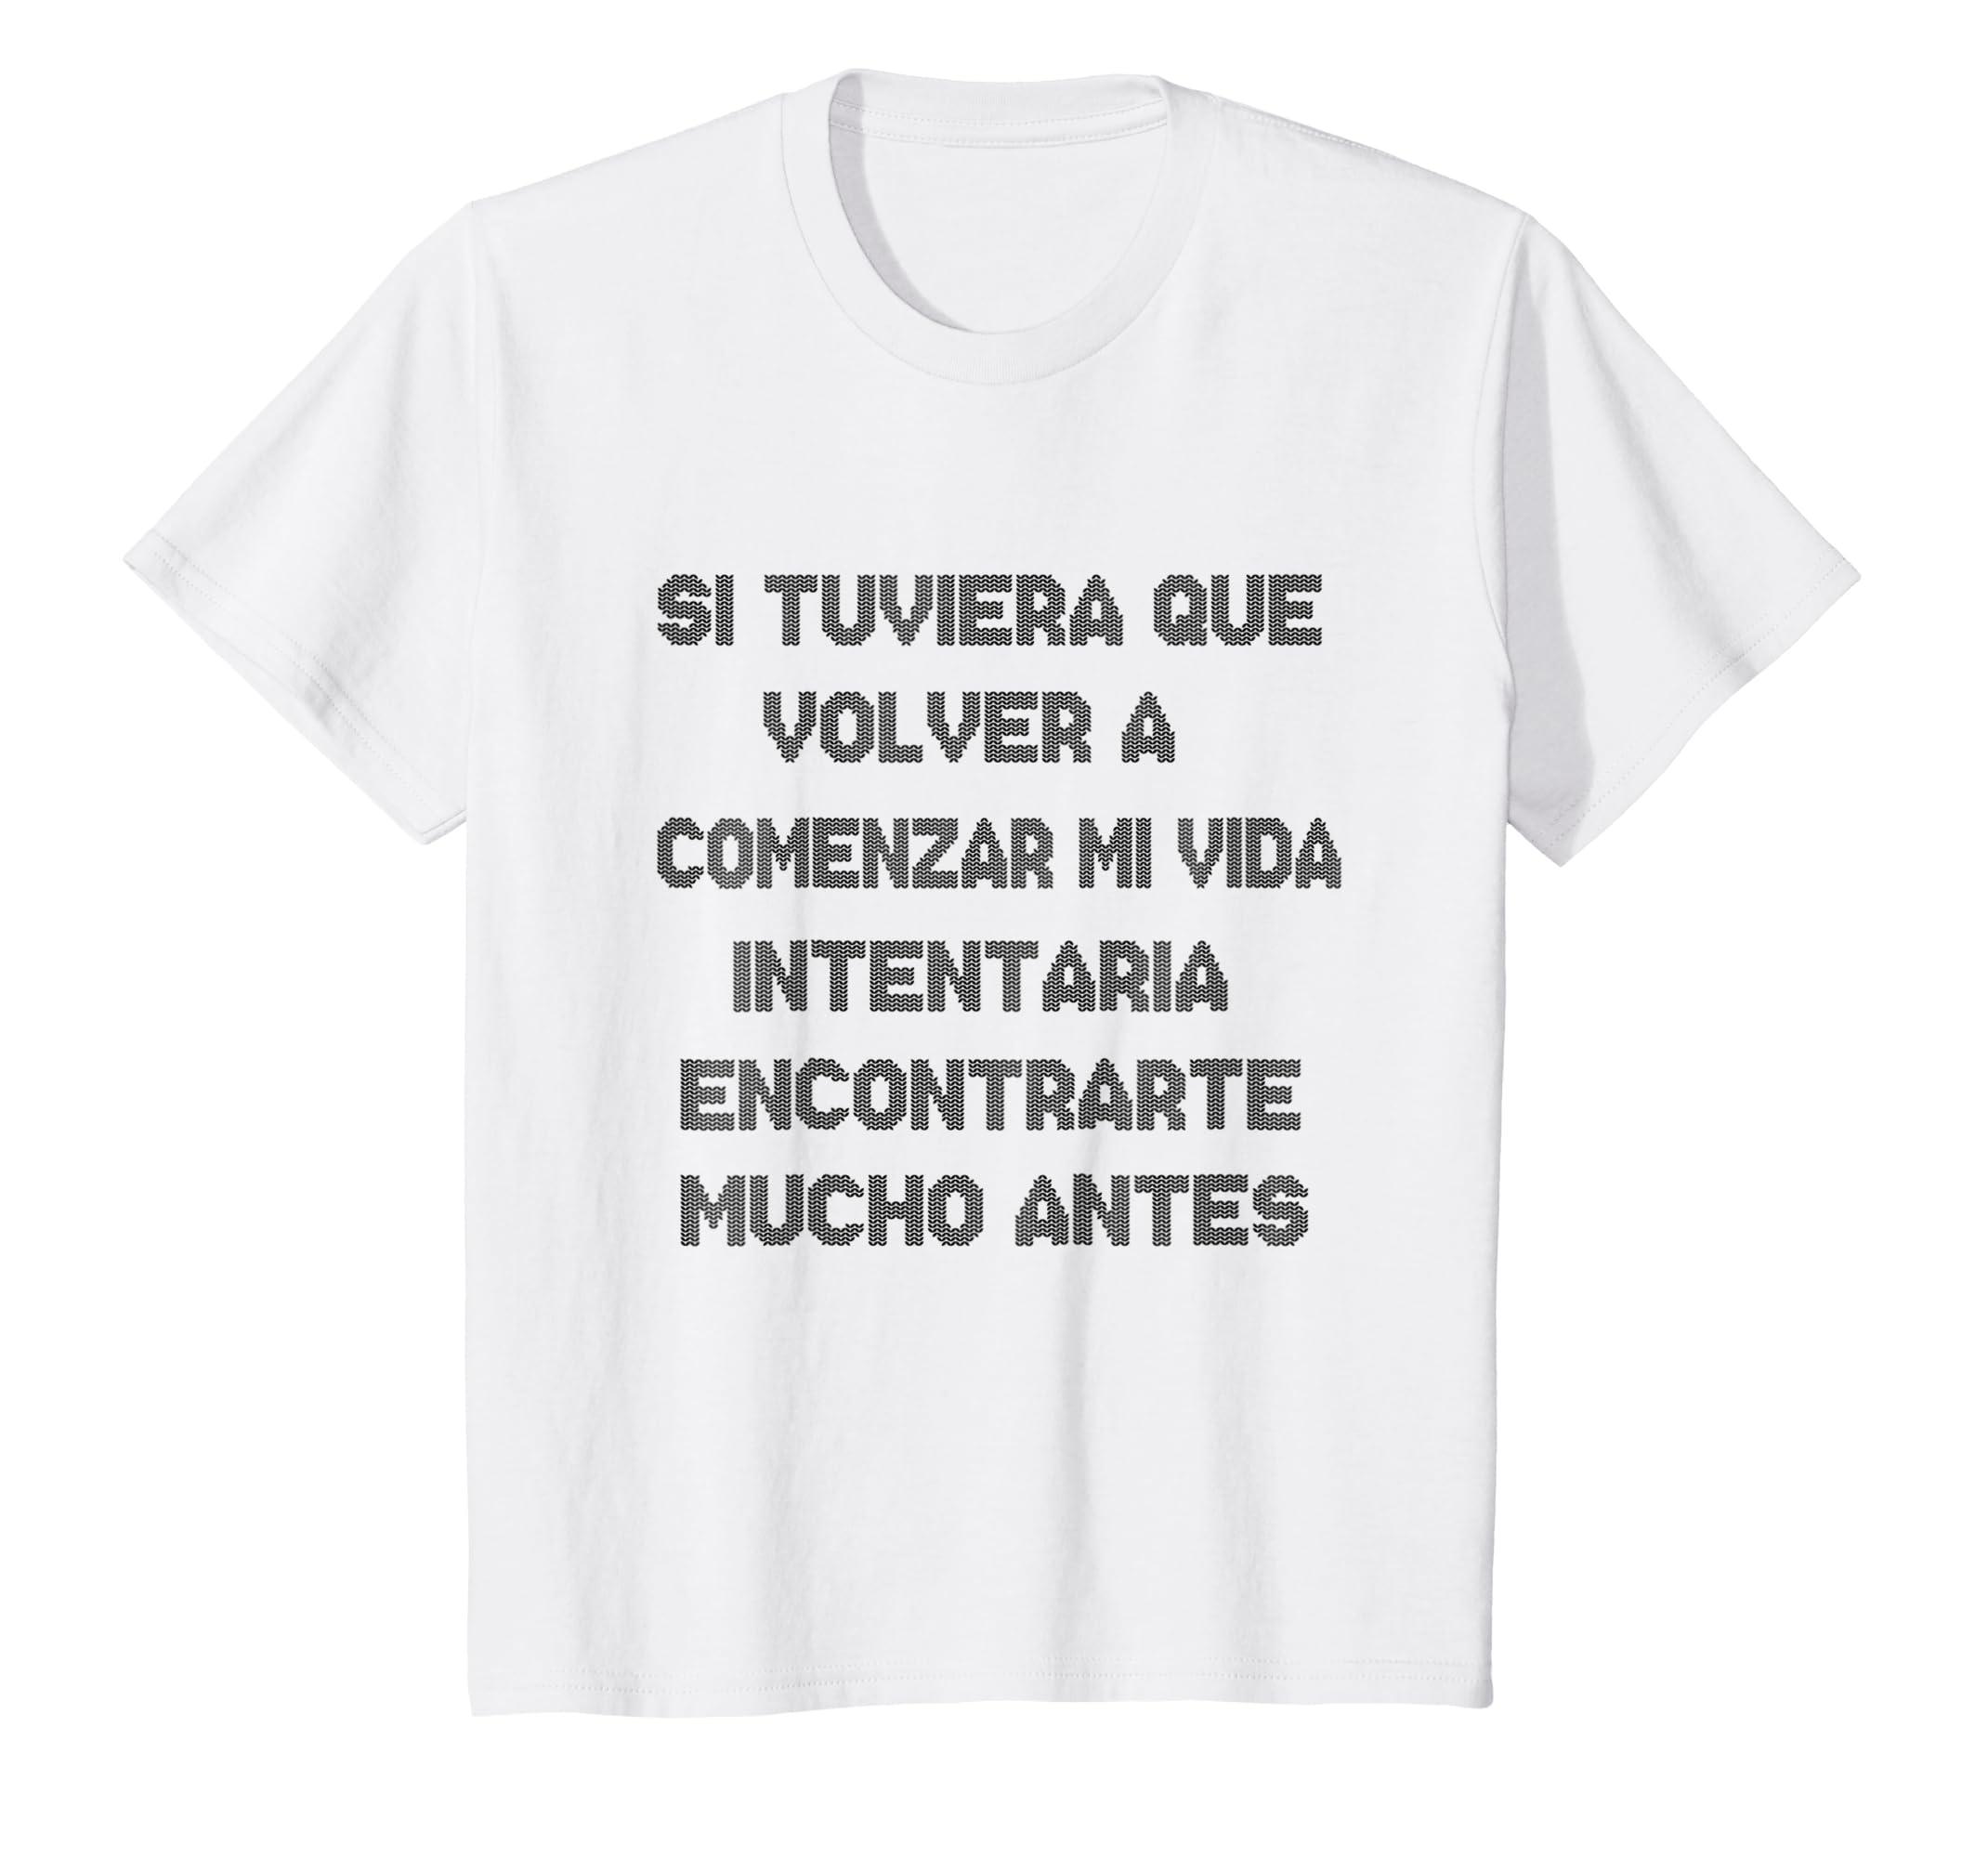 Amazon.com: Si Tuviera Que Volver a Comenzar mi Vida. Camiseta Espanol: Clothing